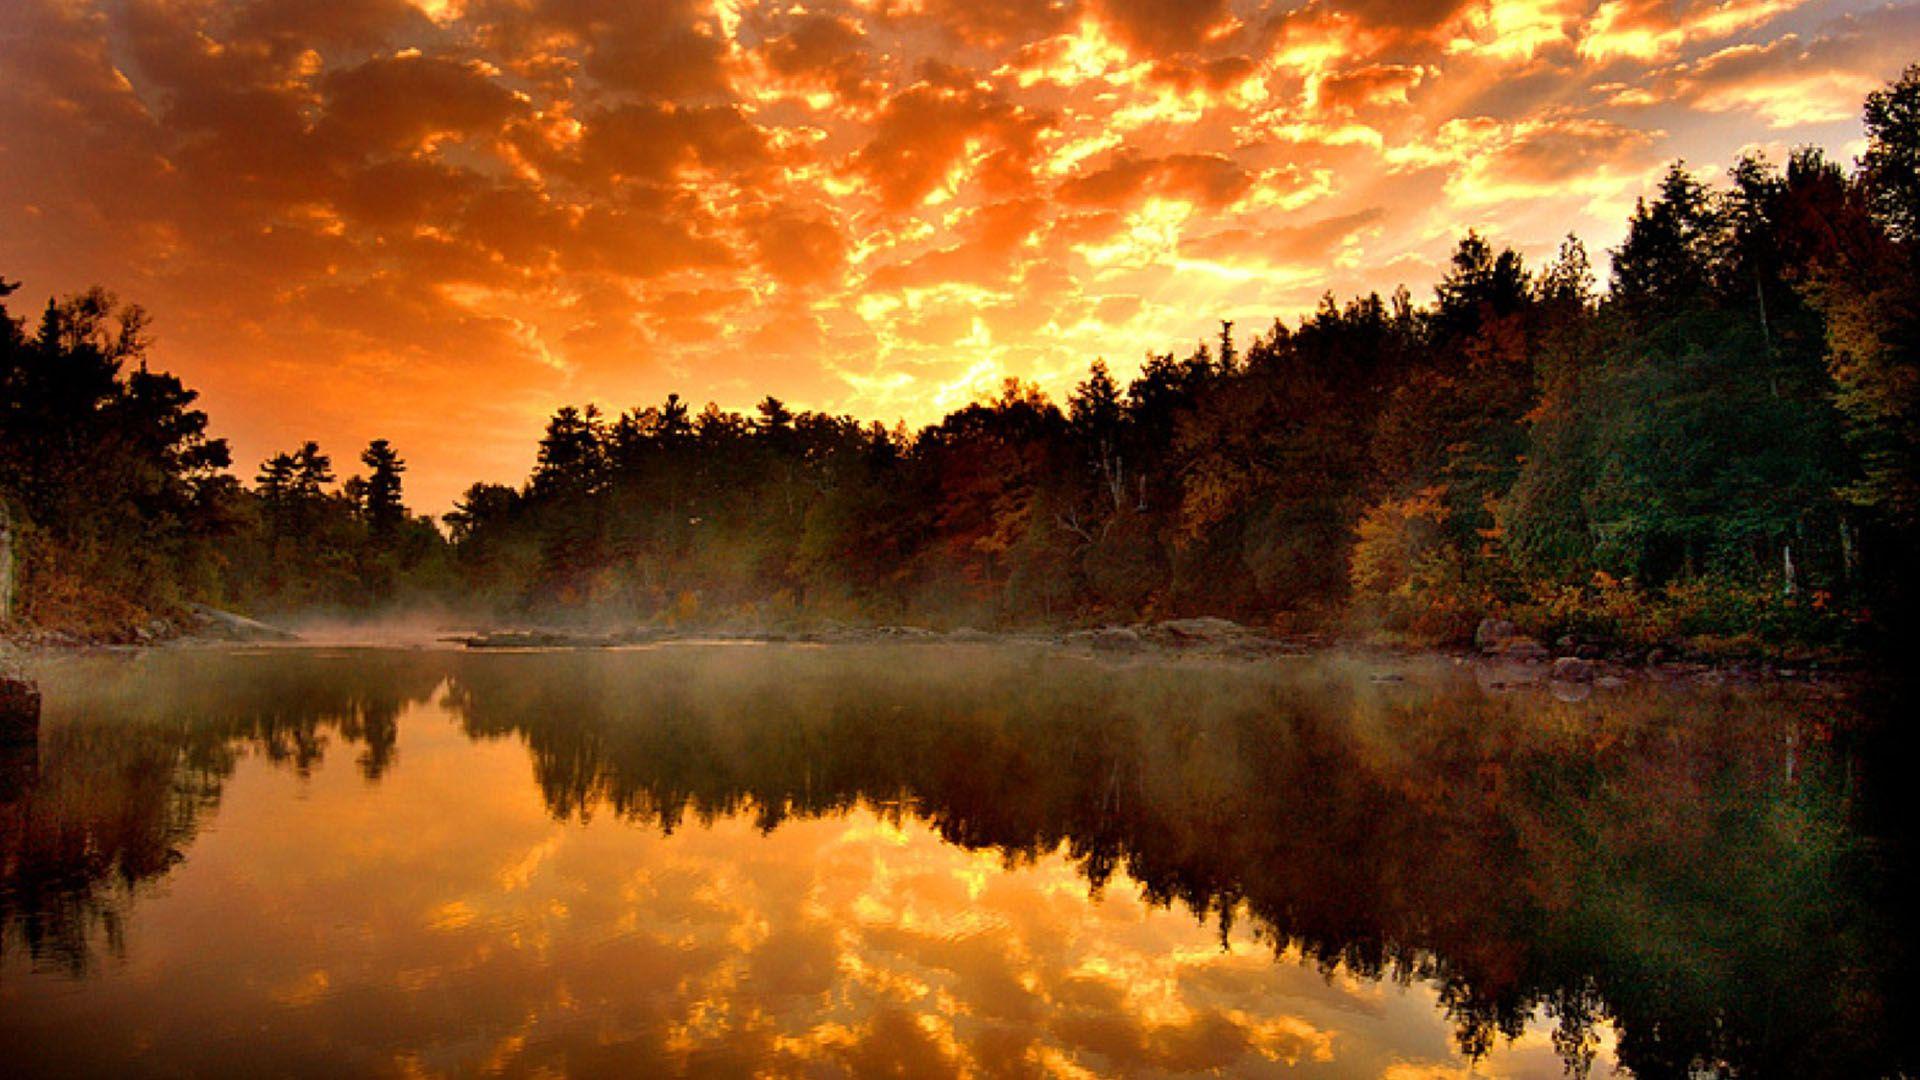 1920x1080 wallpaper amazing sunset - photo #39